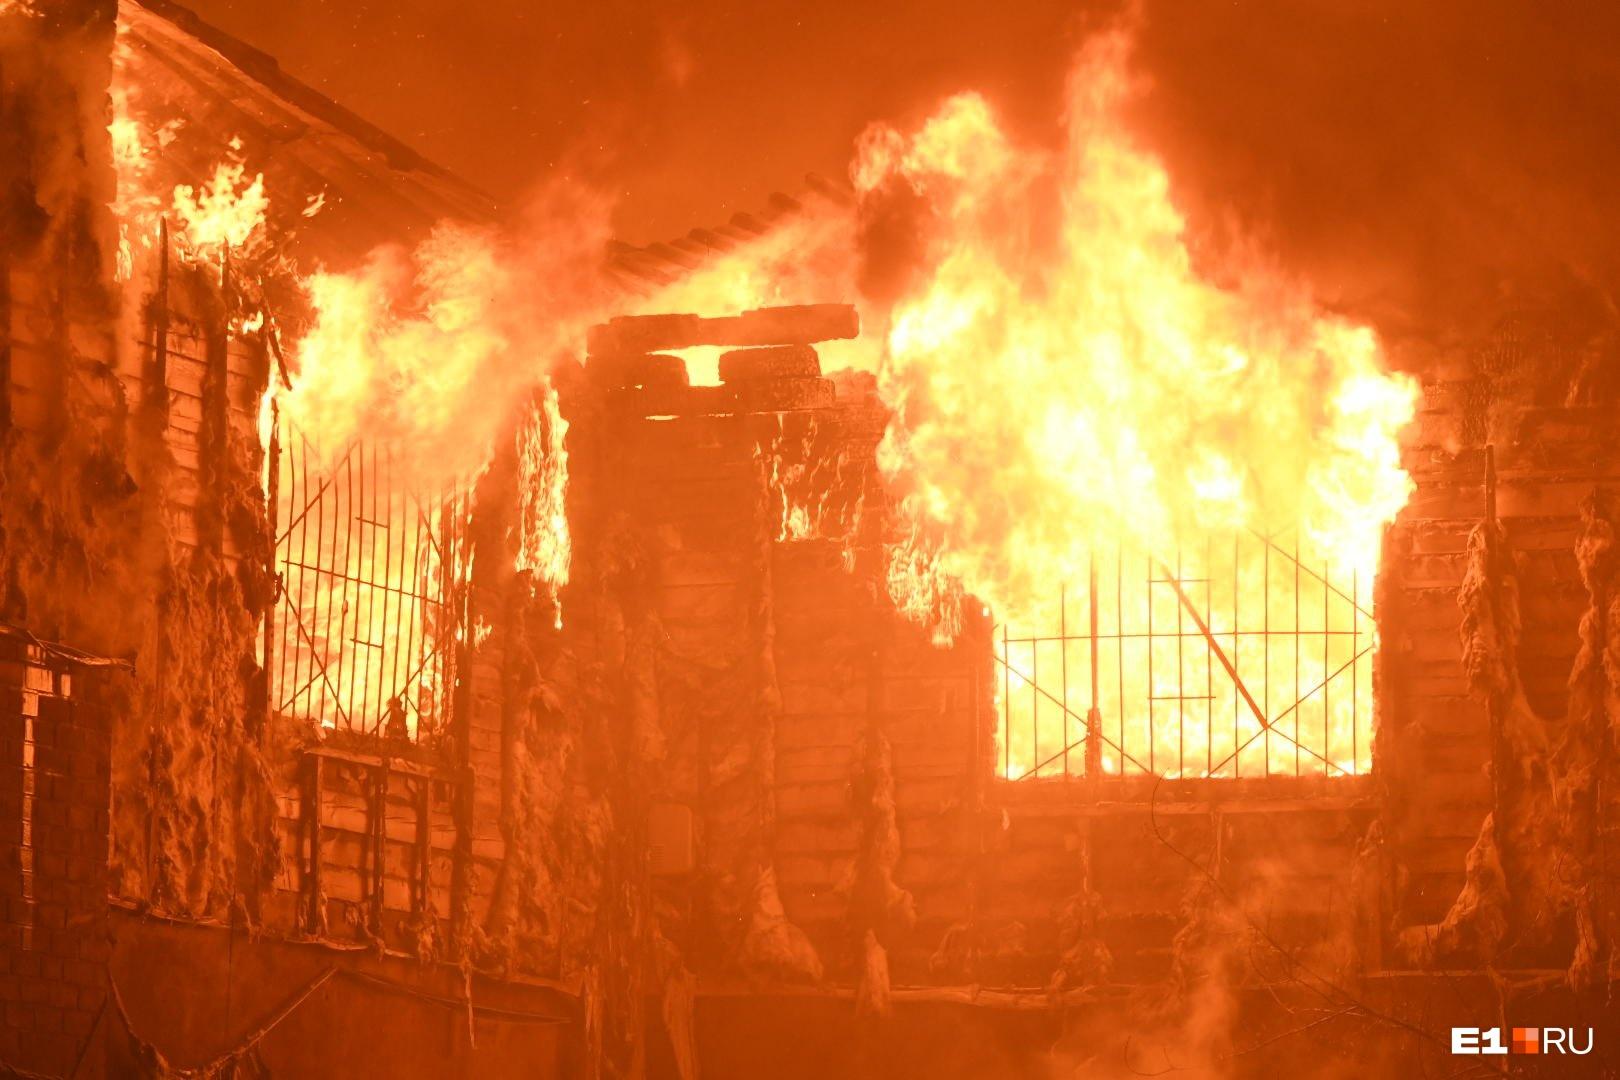 Огонь был готов сожрать все вокруг, но пожарные его остановили